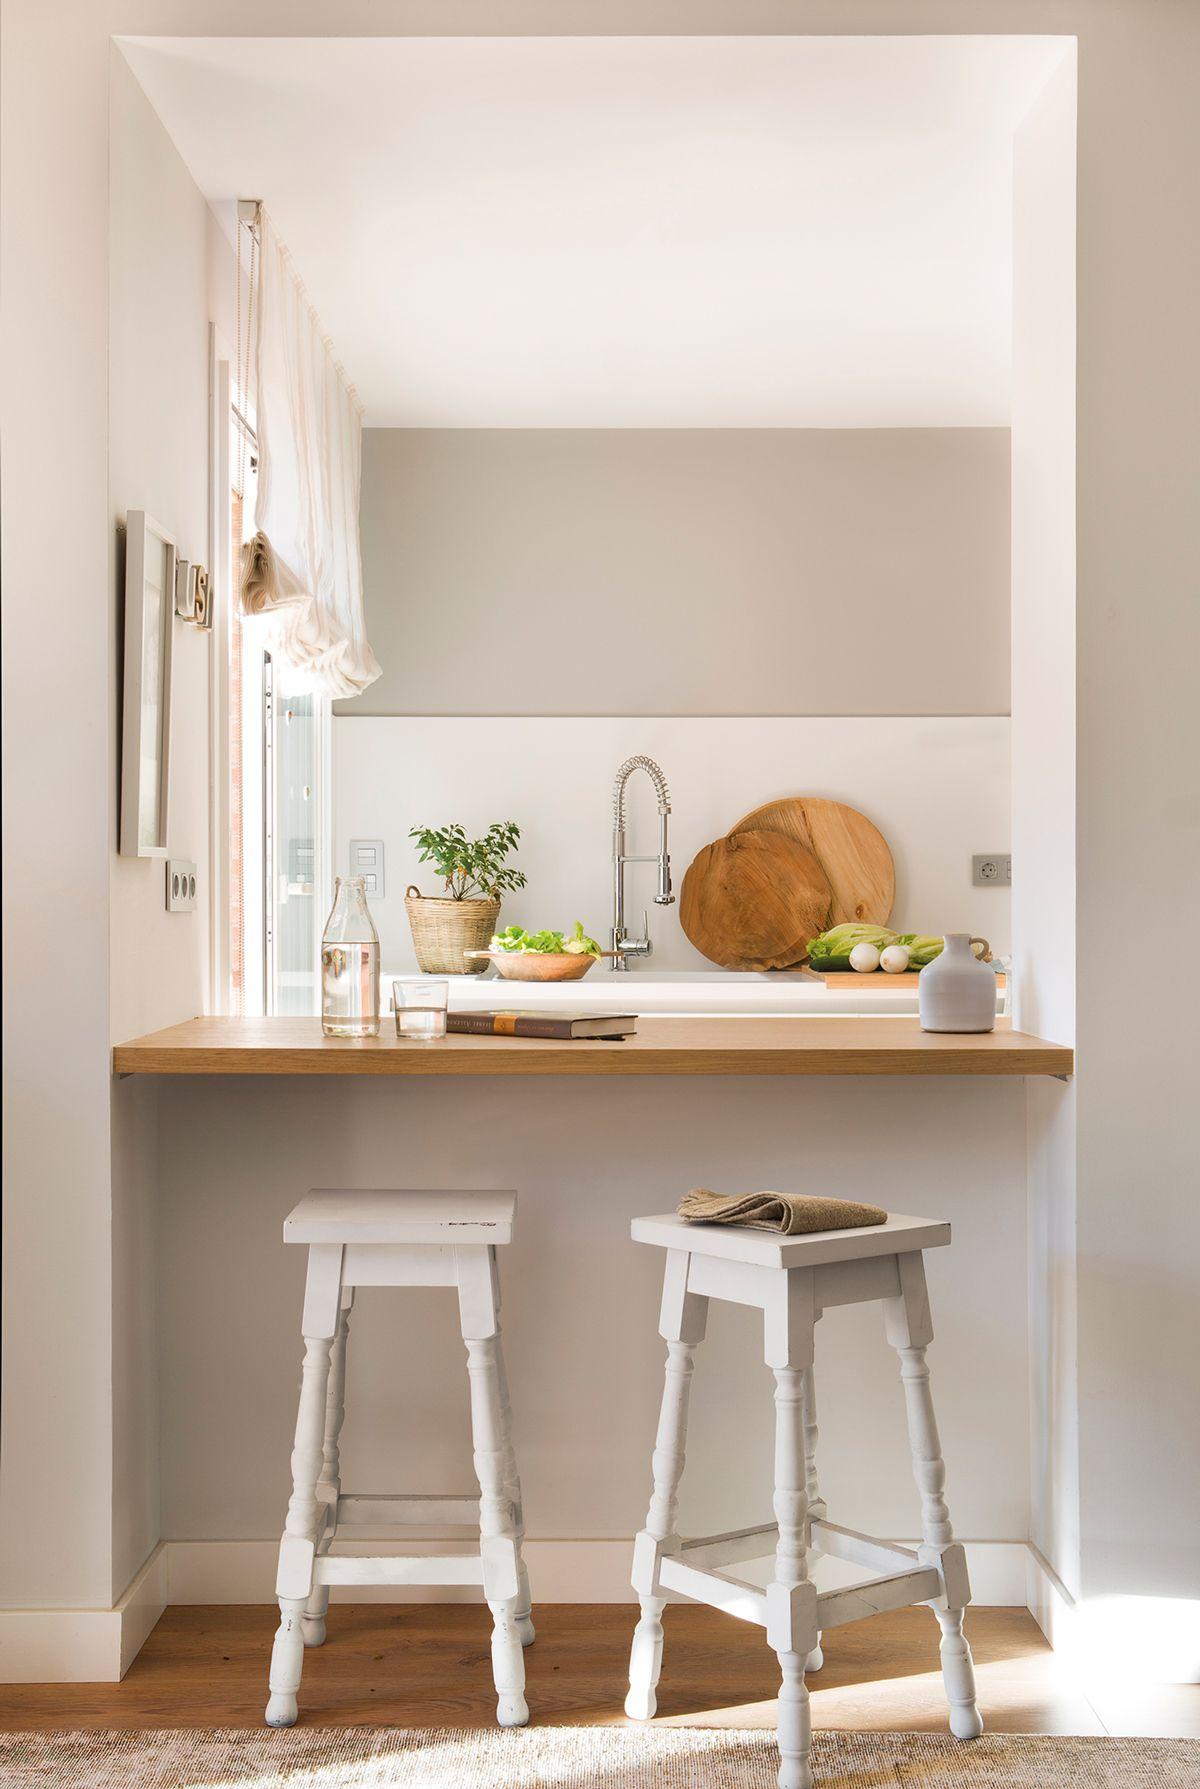 Cocina blanca con hueco pasaplatos barra de desayuno con encimera de madera y taburetes - Taburetes para cocina americana ...